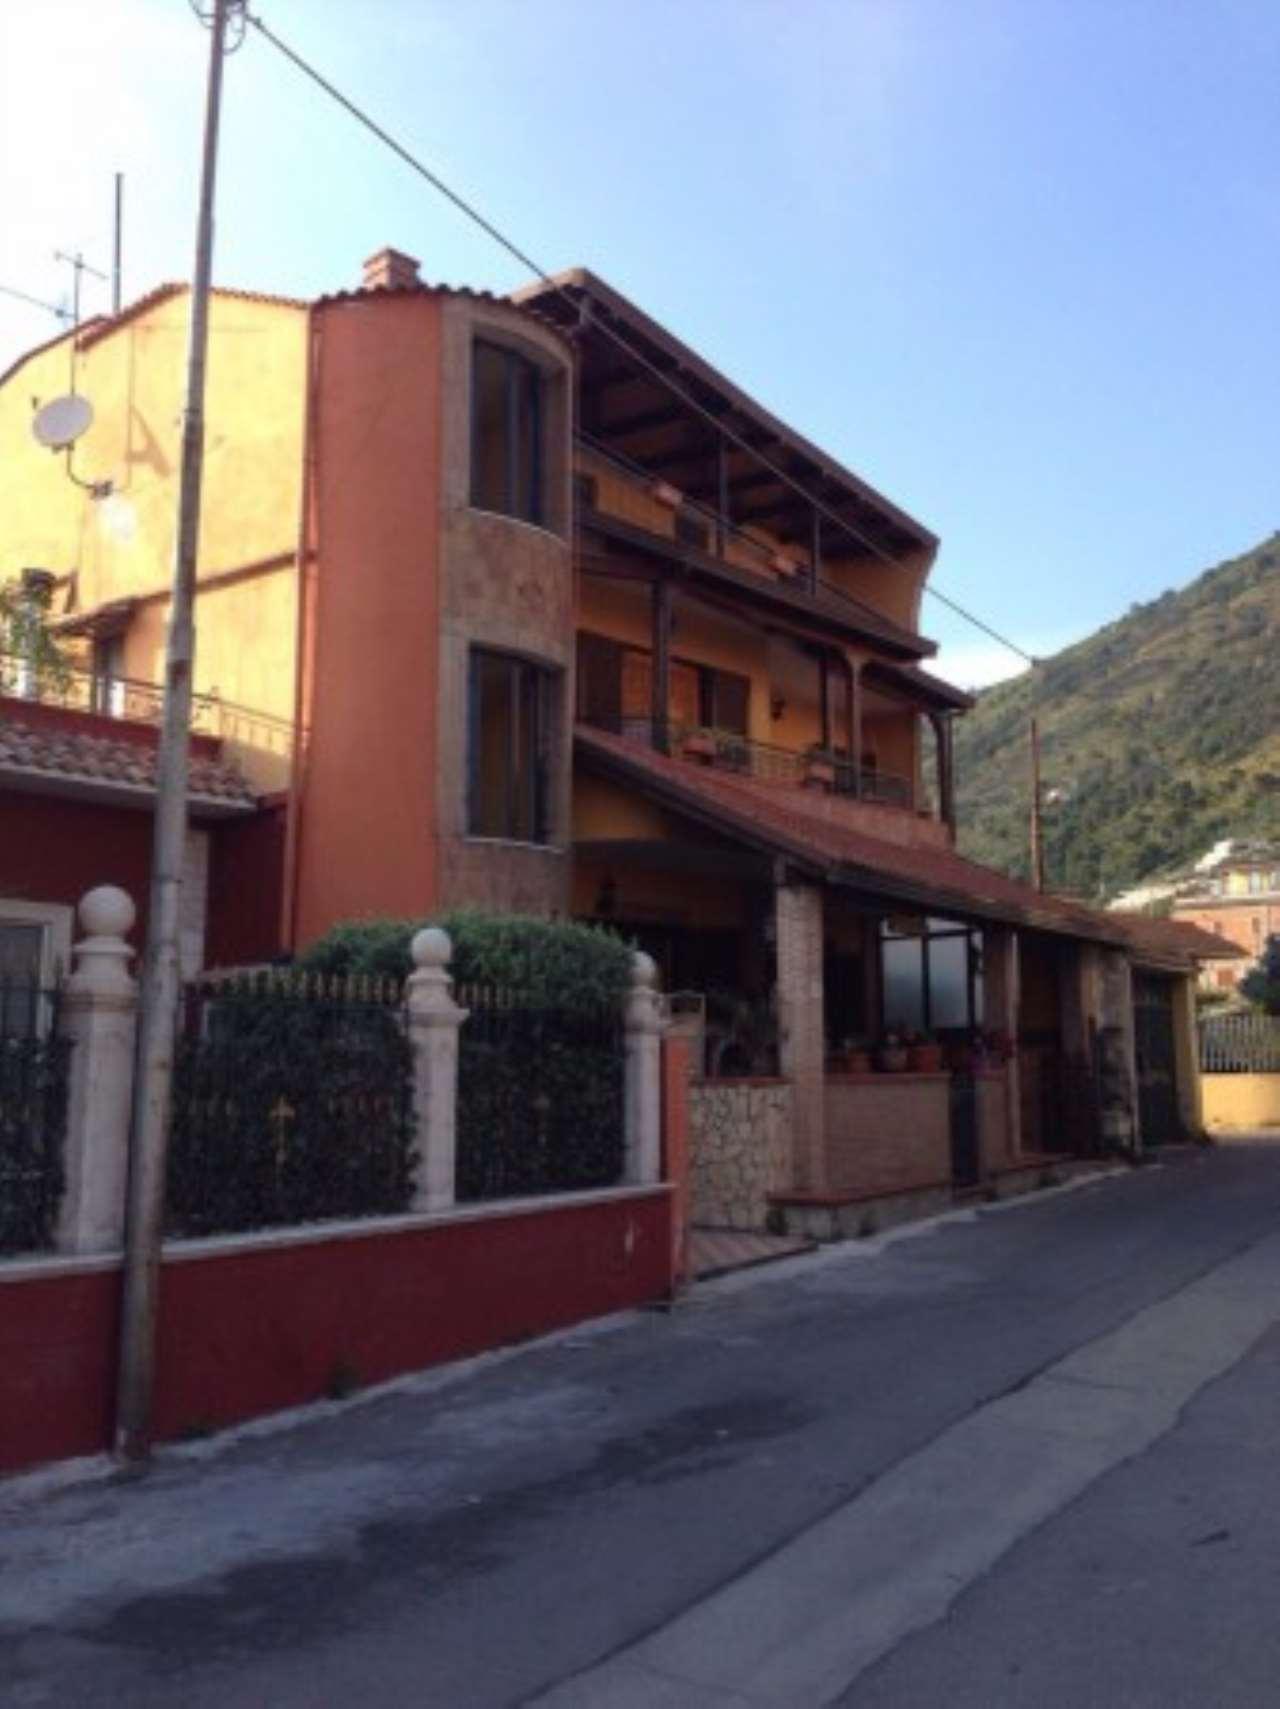 Appartamento in vendita a Sarno, 9999 locali, prezzo € 160.000 | CambioCasa.it